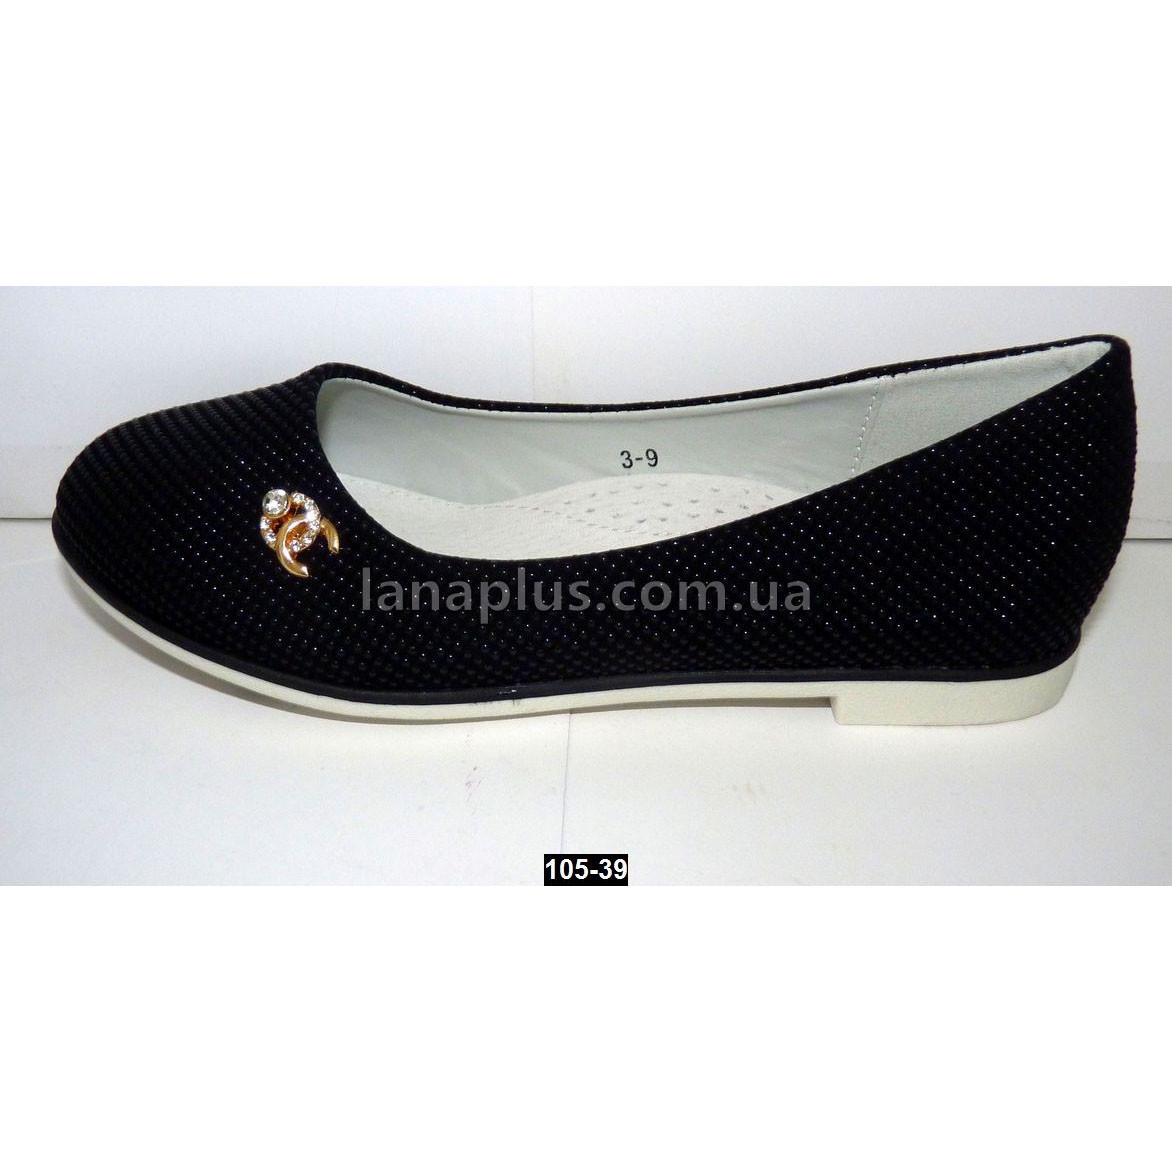 Туфли, балетки для девочки, 32, 35, 37 размер, супинатор, кожаная стелька, белая подошва